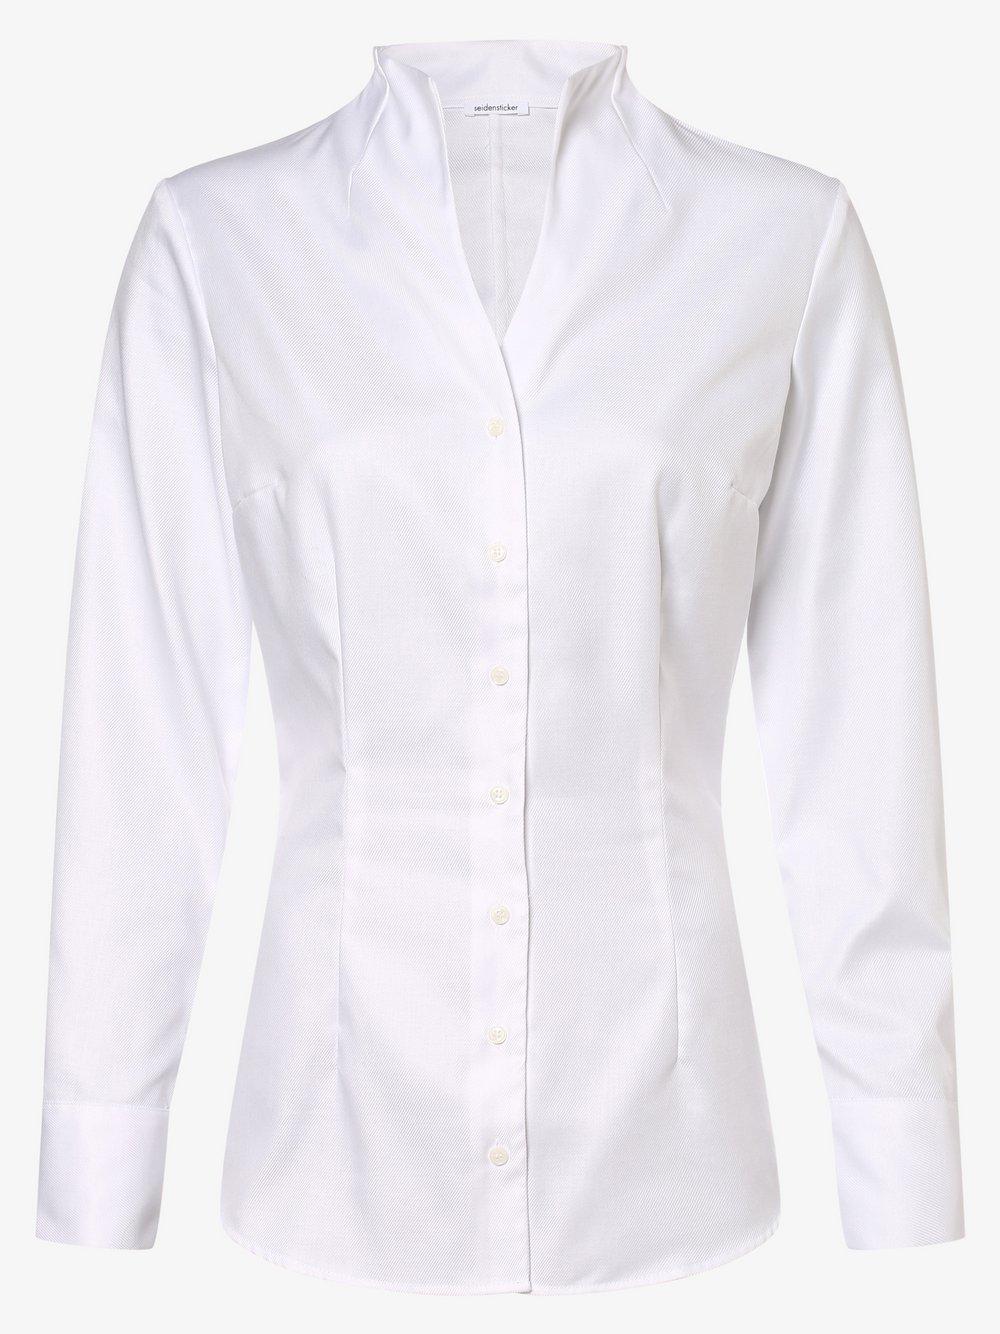 Seidensticker Schwarze Rose – Bluzka damska, biały Van Graaf 478961-0001-00360